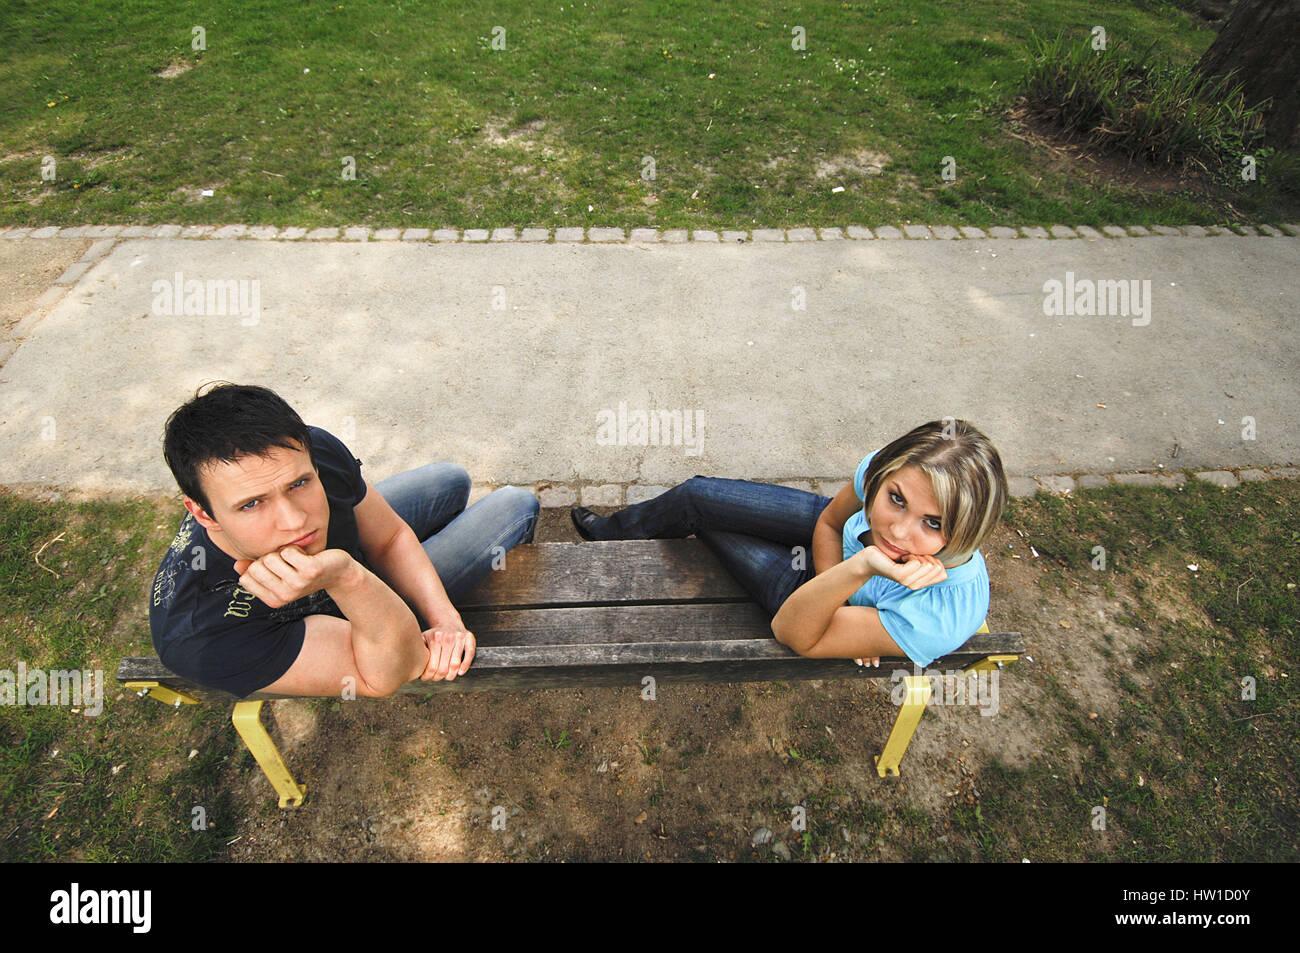 Pair in the quarrel, Paar im Streit Stock Photo